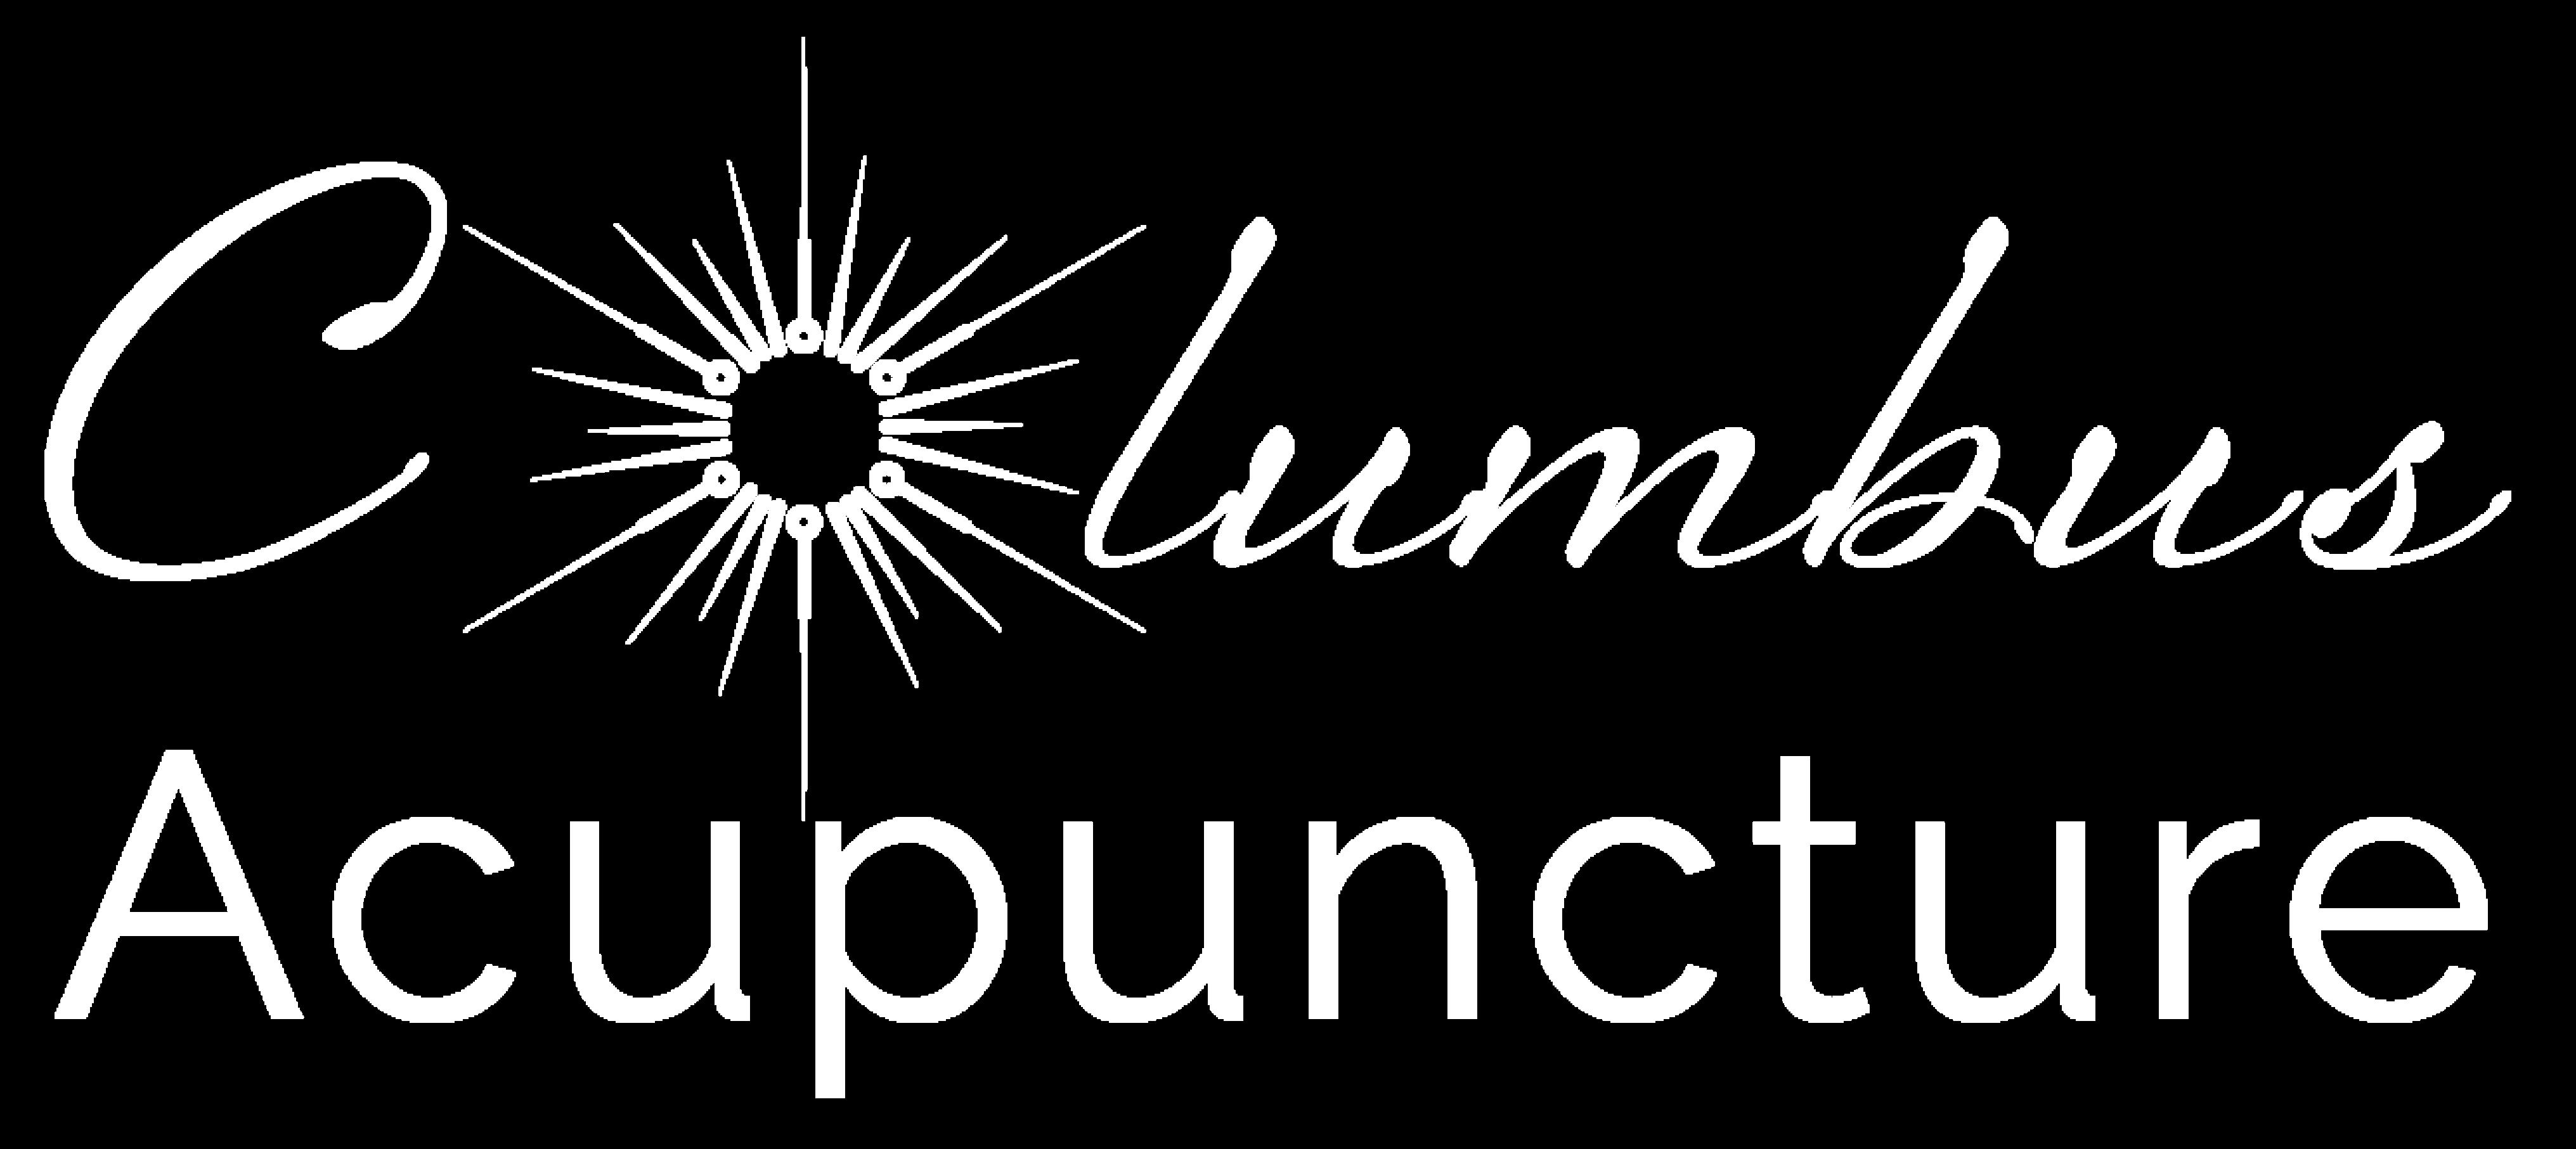 Columbus Acupuncture LLC